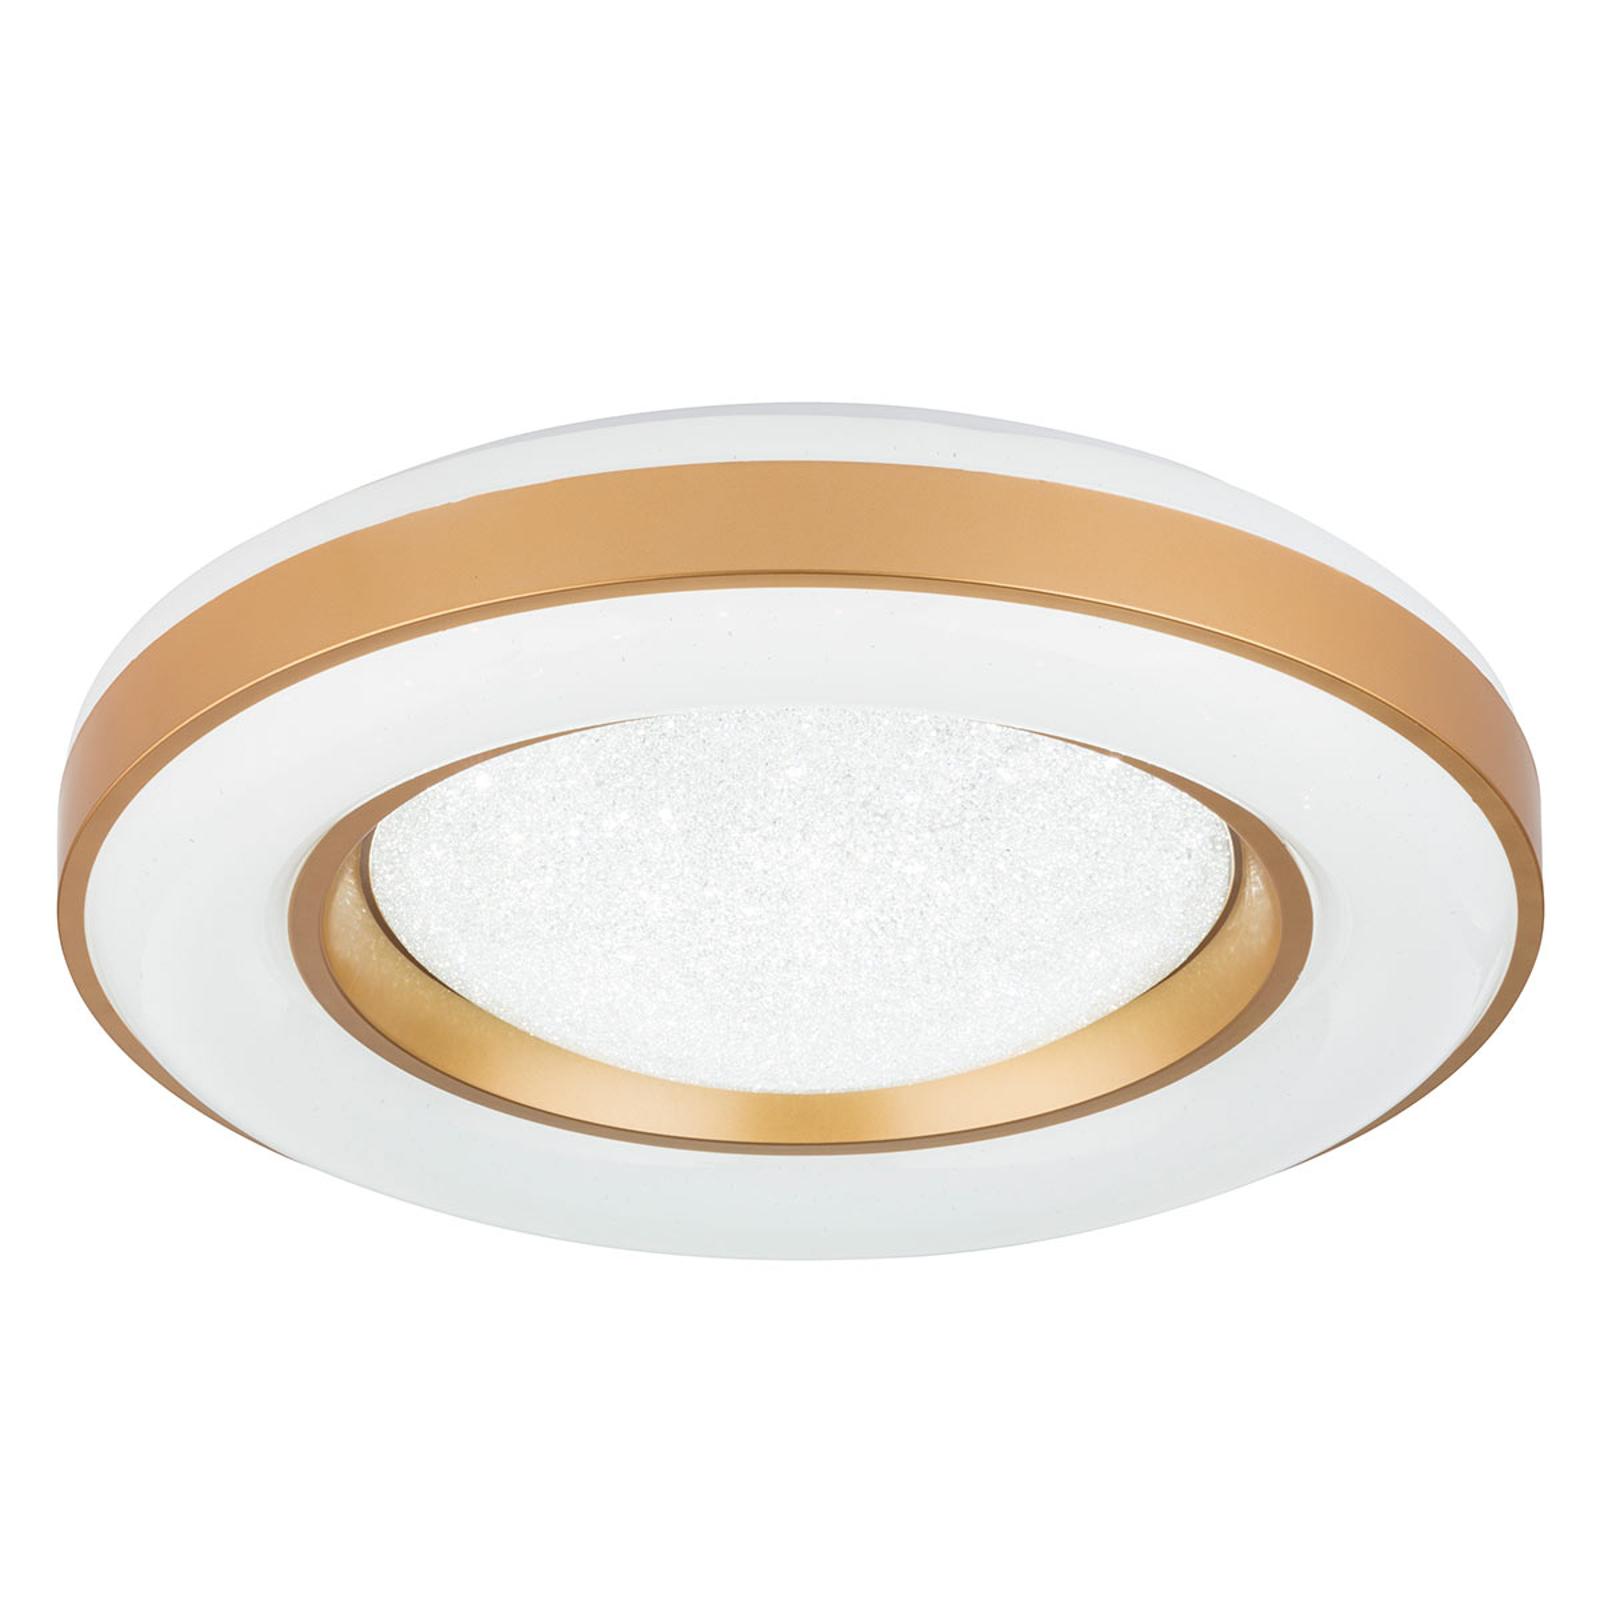 helligkeits abstufung für led lampen